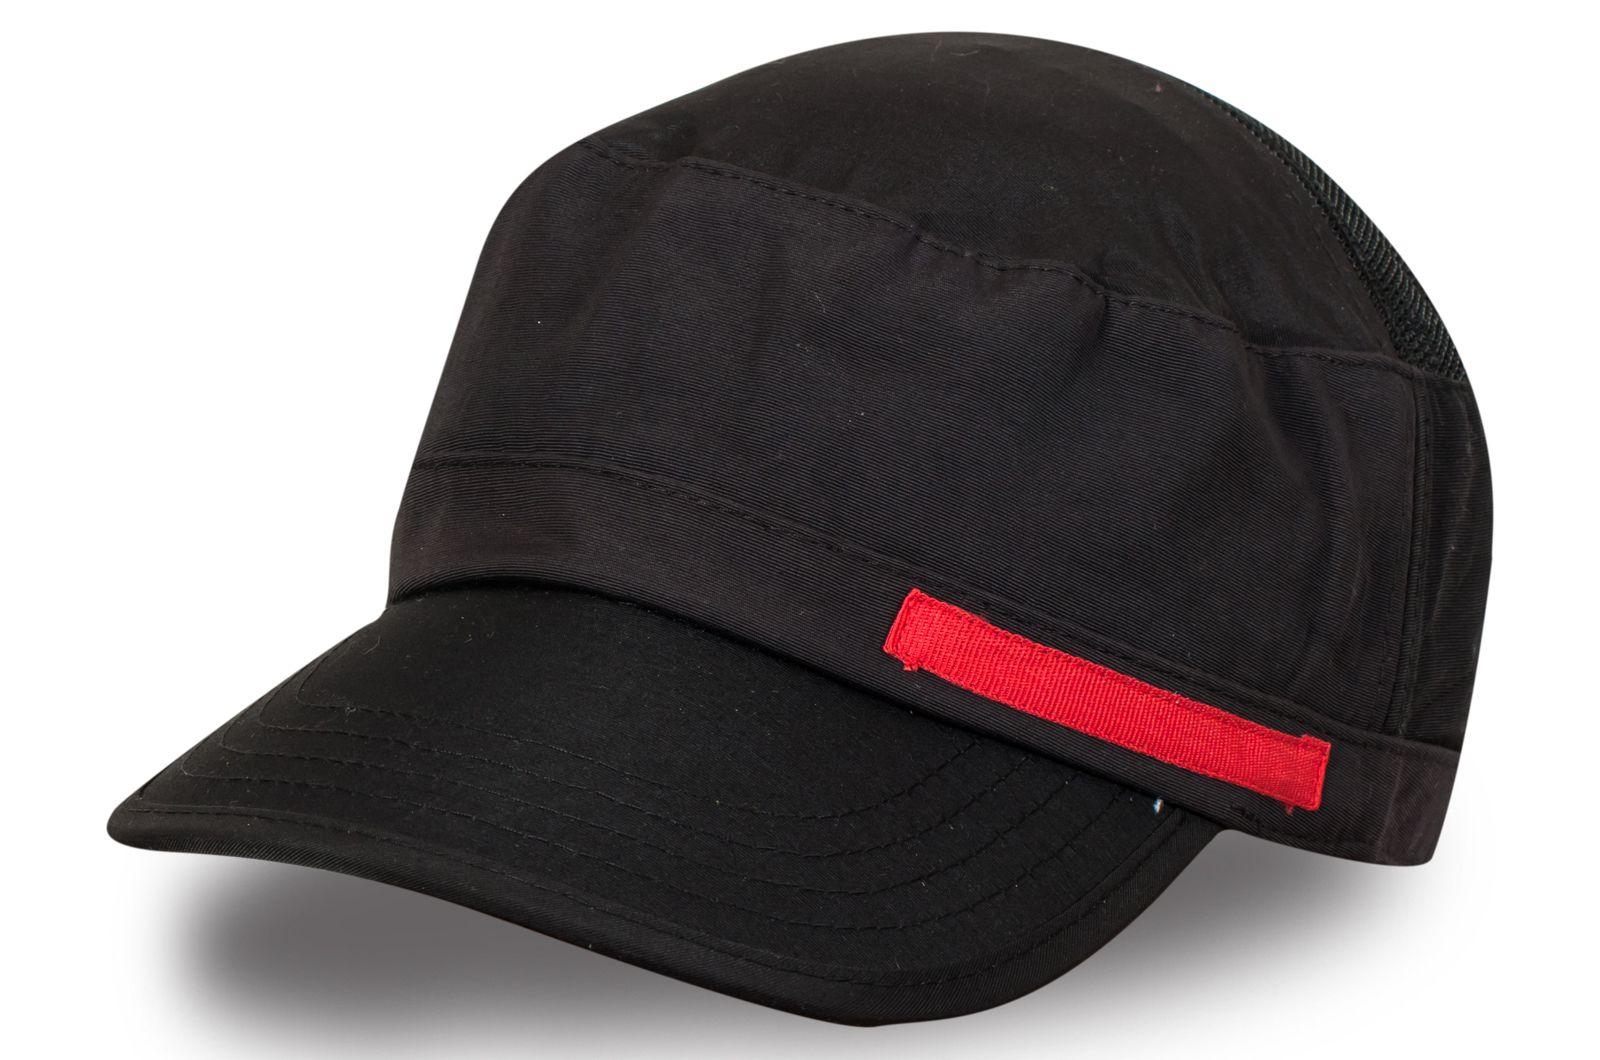 Чёрная кепка-немка с сеткой - купить по низкой цене